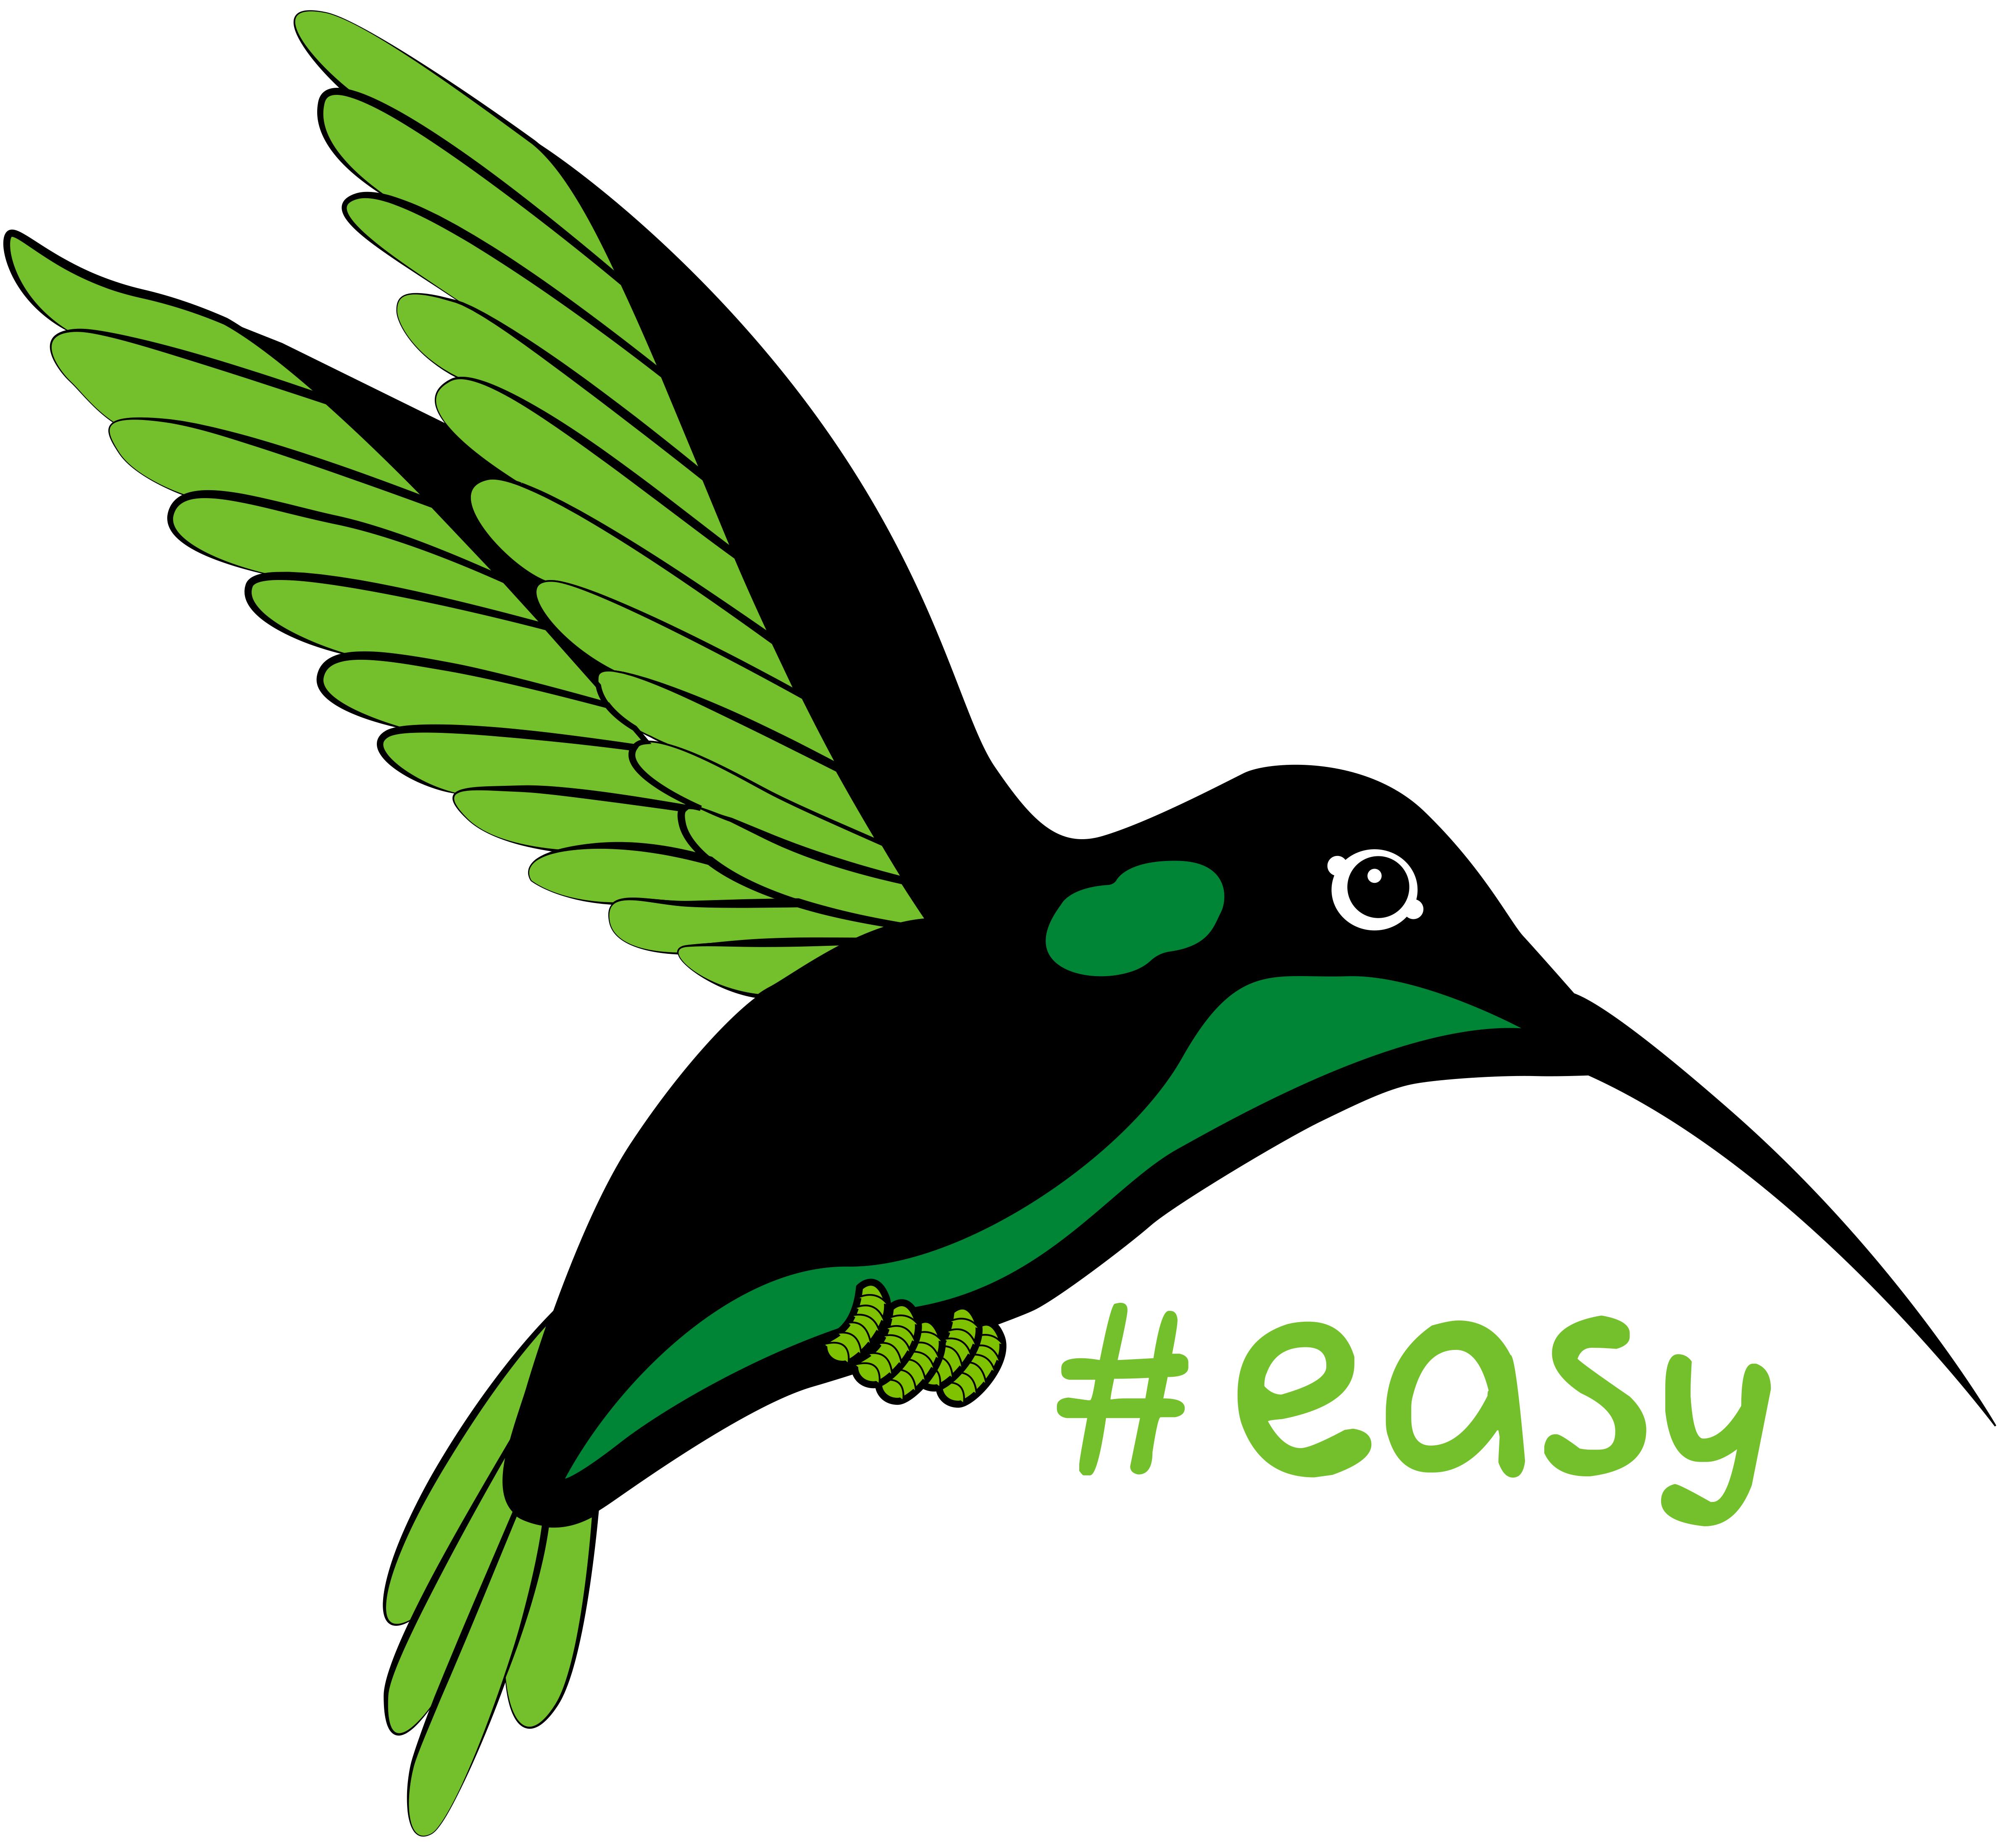 Разработка логотипа в виде хэштега #easy с зеленой колибри  фото f_7835d4db1fba19c6.jpg